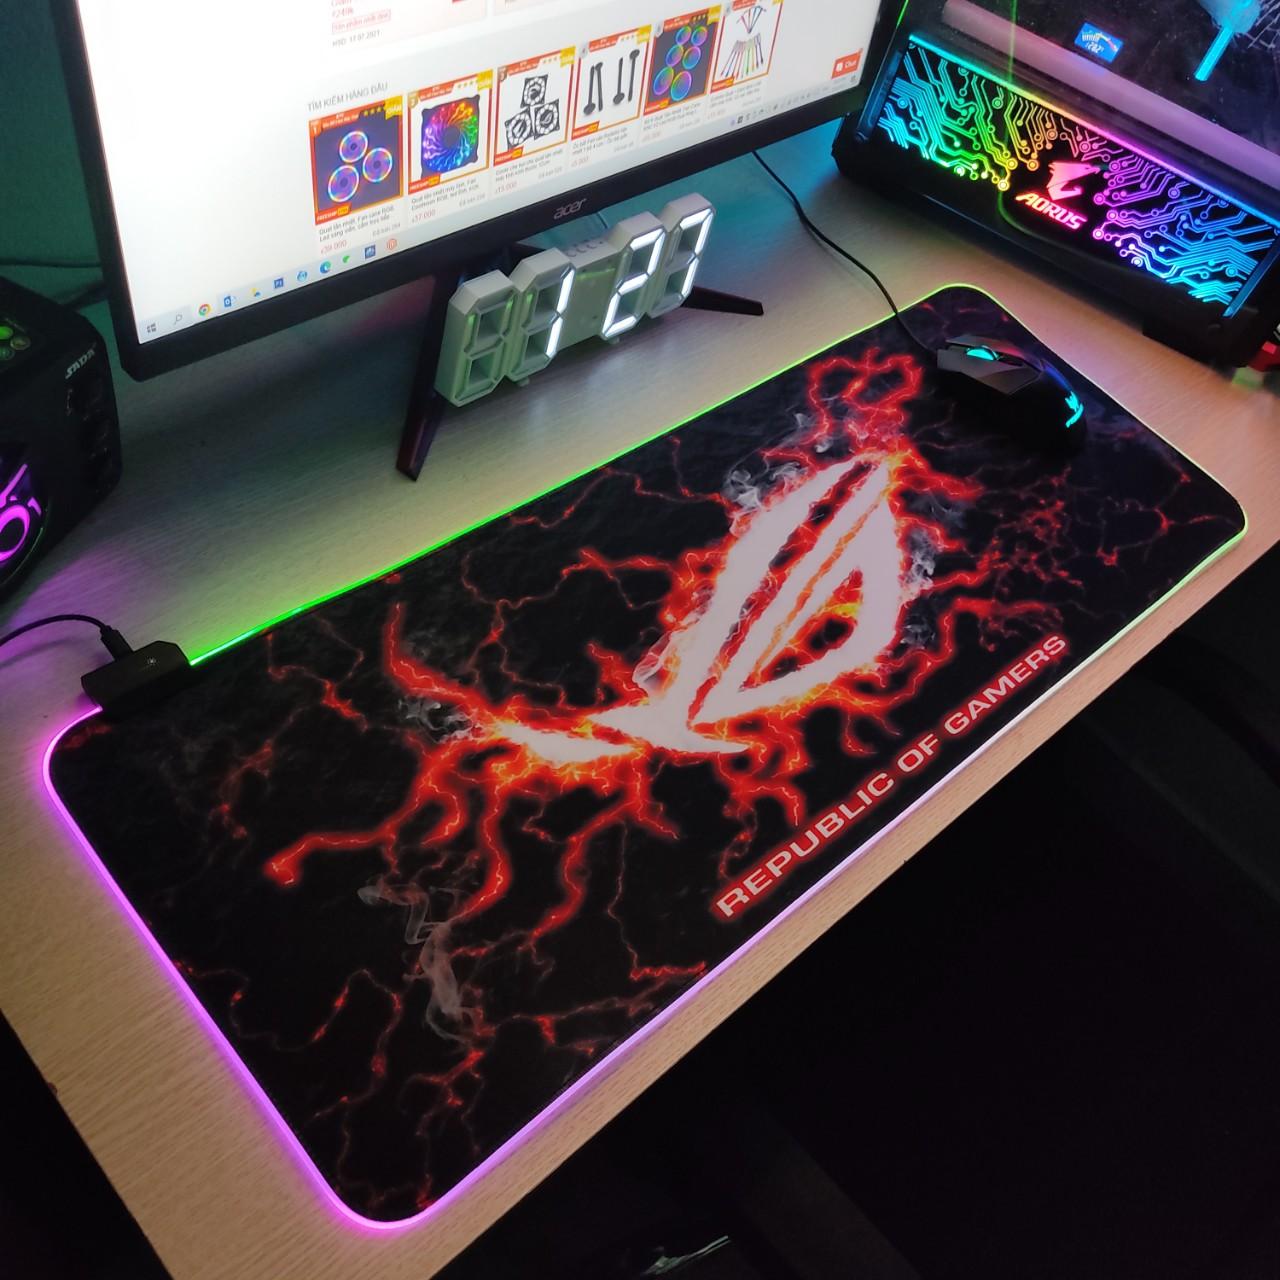 Mouse Pad, bàn di chuột, lót di chuột tích hợp Led RGB sáng viền,phiên bản ROG số 3 kích thước 80cm x 30cm dày 4mm - Hàng nhập khẩu